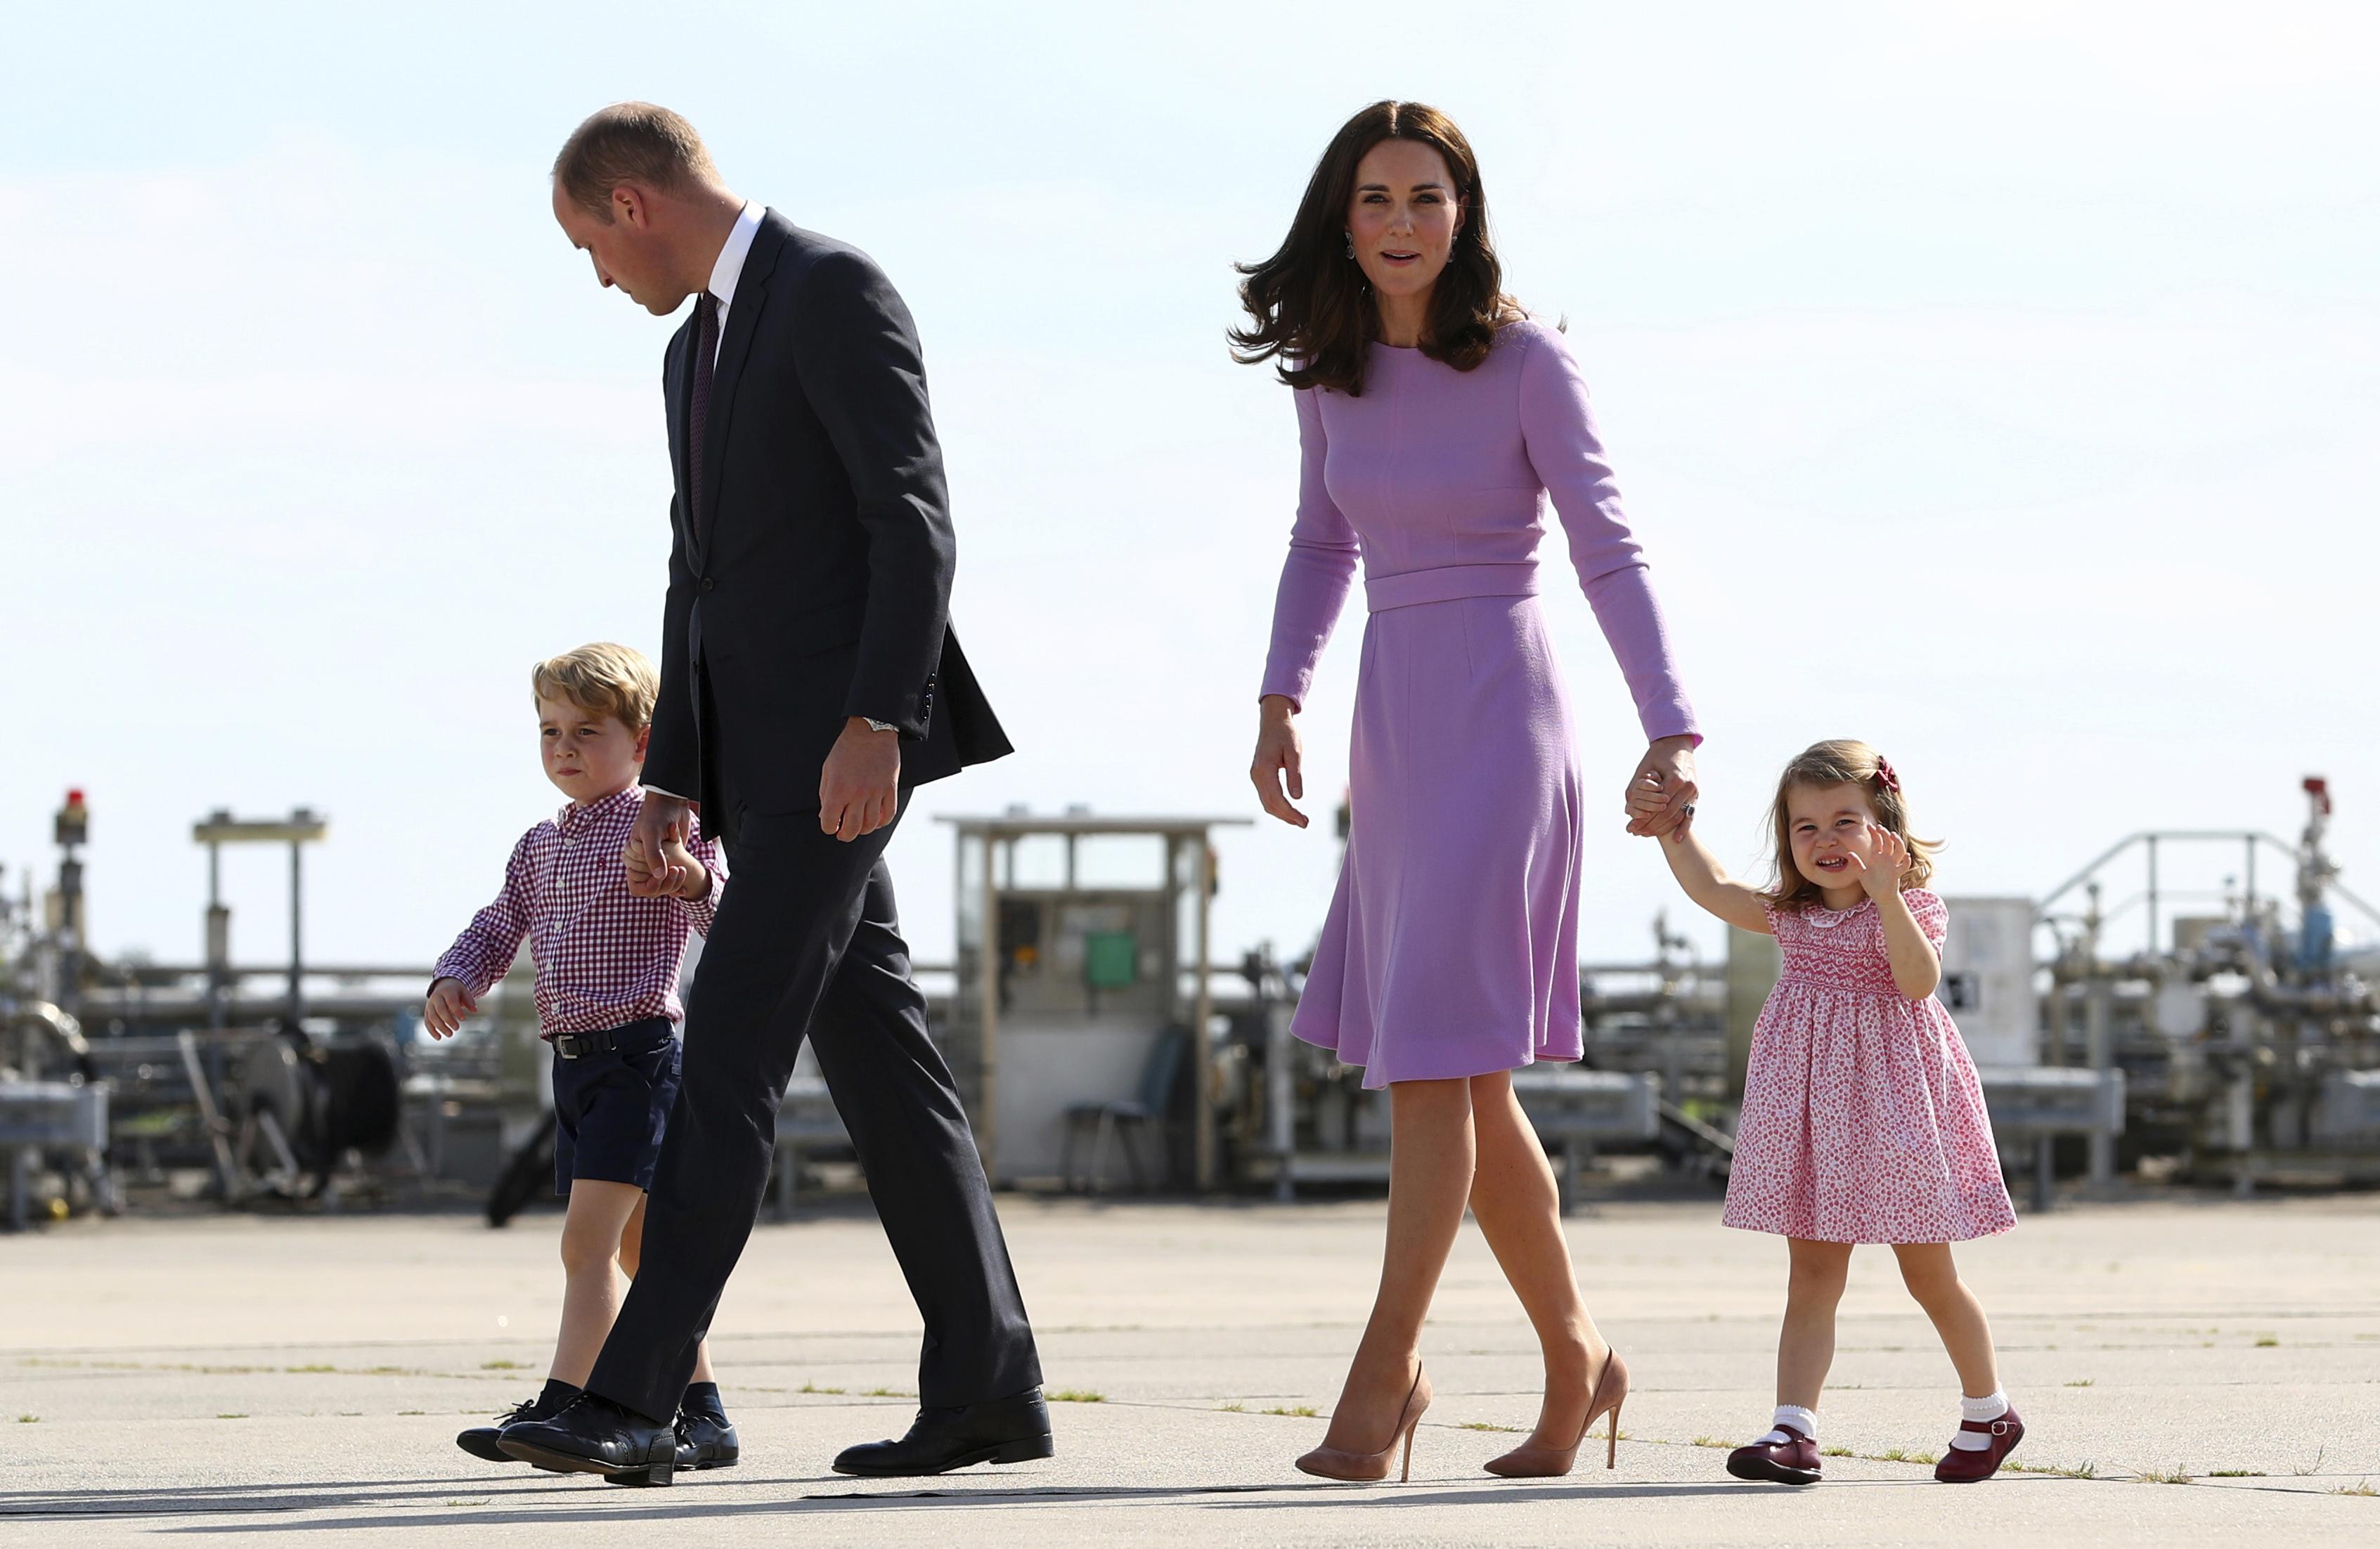 La familia real ha seguido creciendo. El 2 de mayo de 2015 se convirtieron en padres de la princesa Charlotte, hoy, con cinco años. (Archivo)